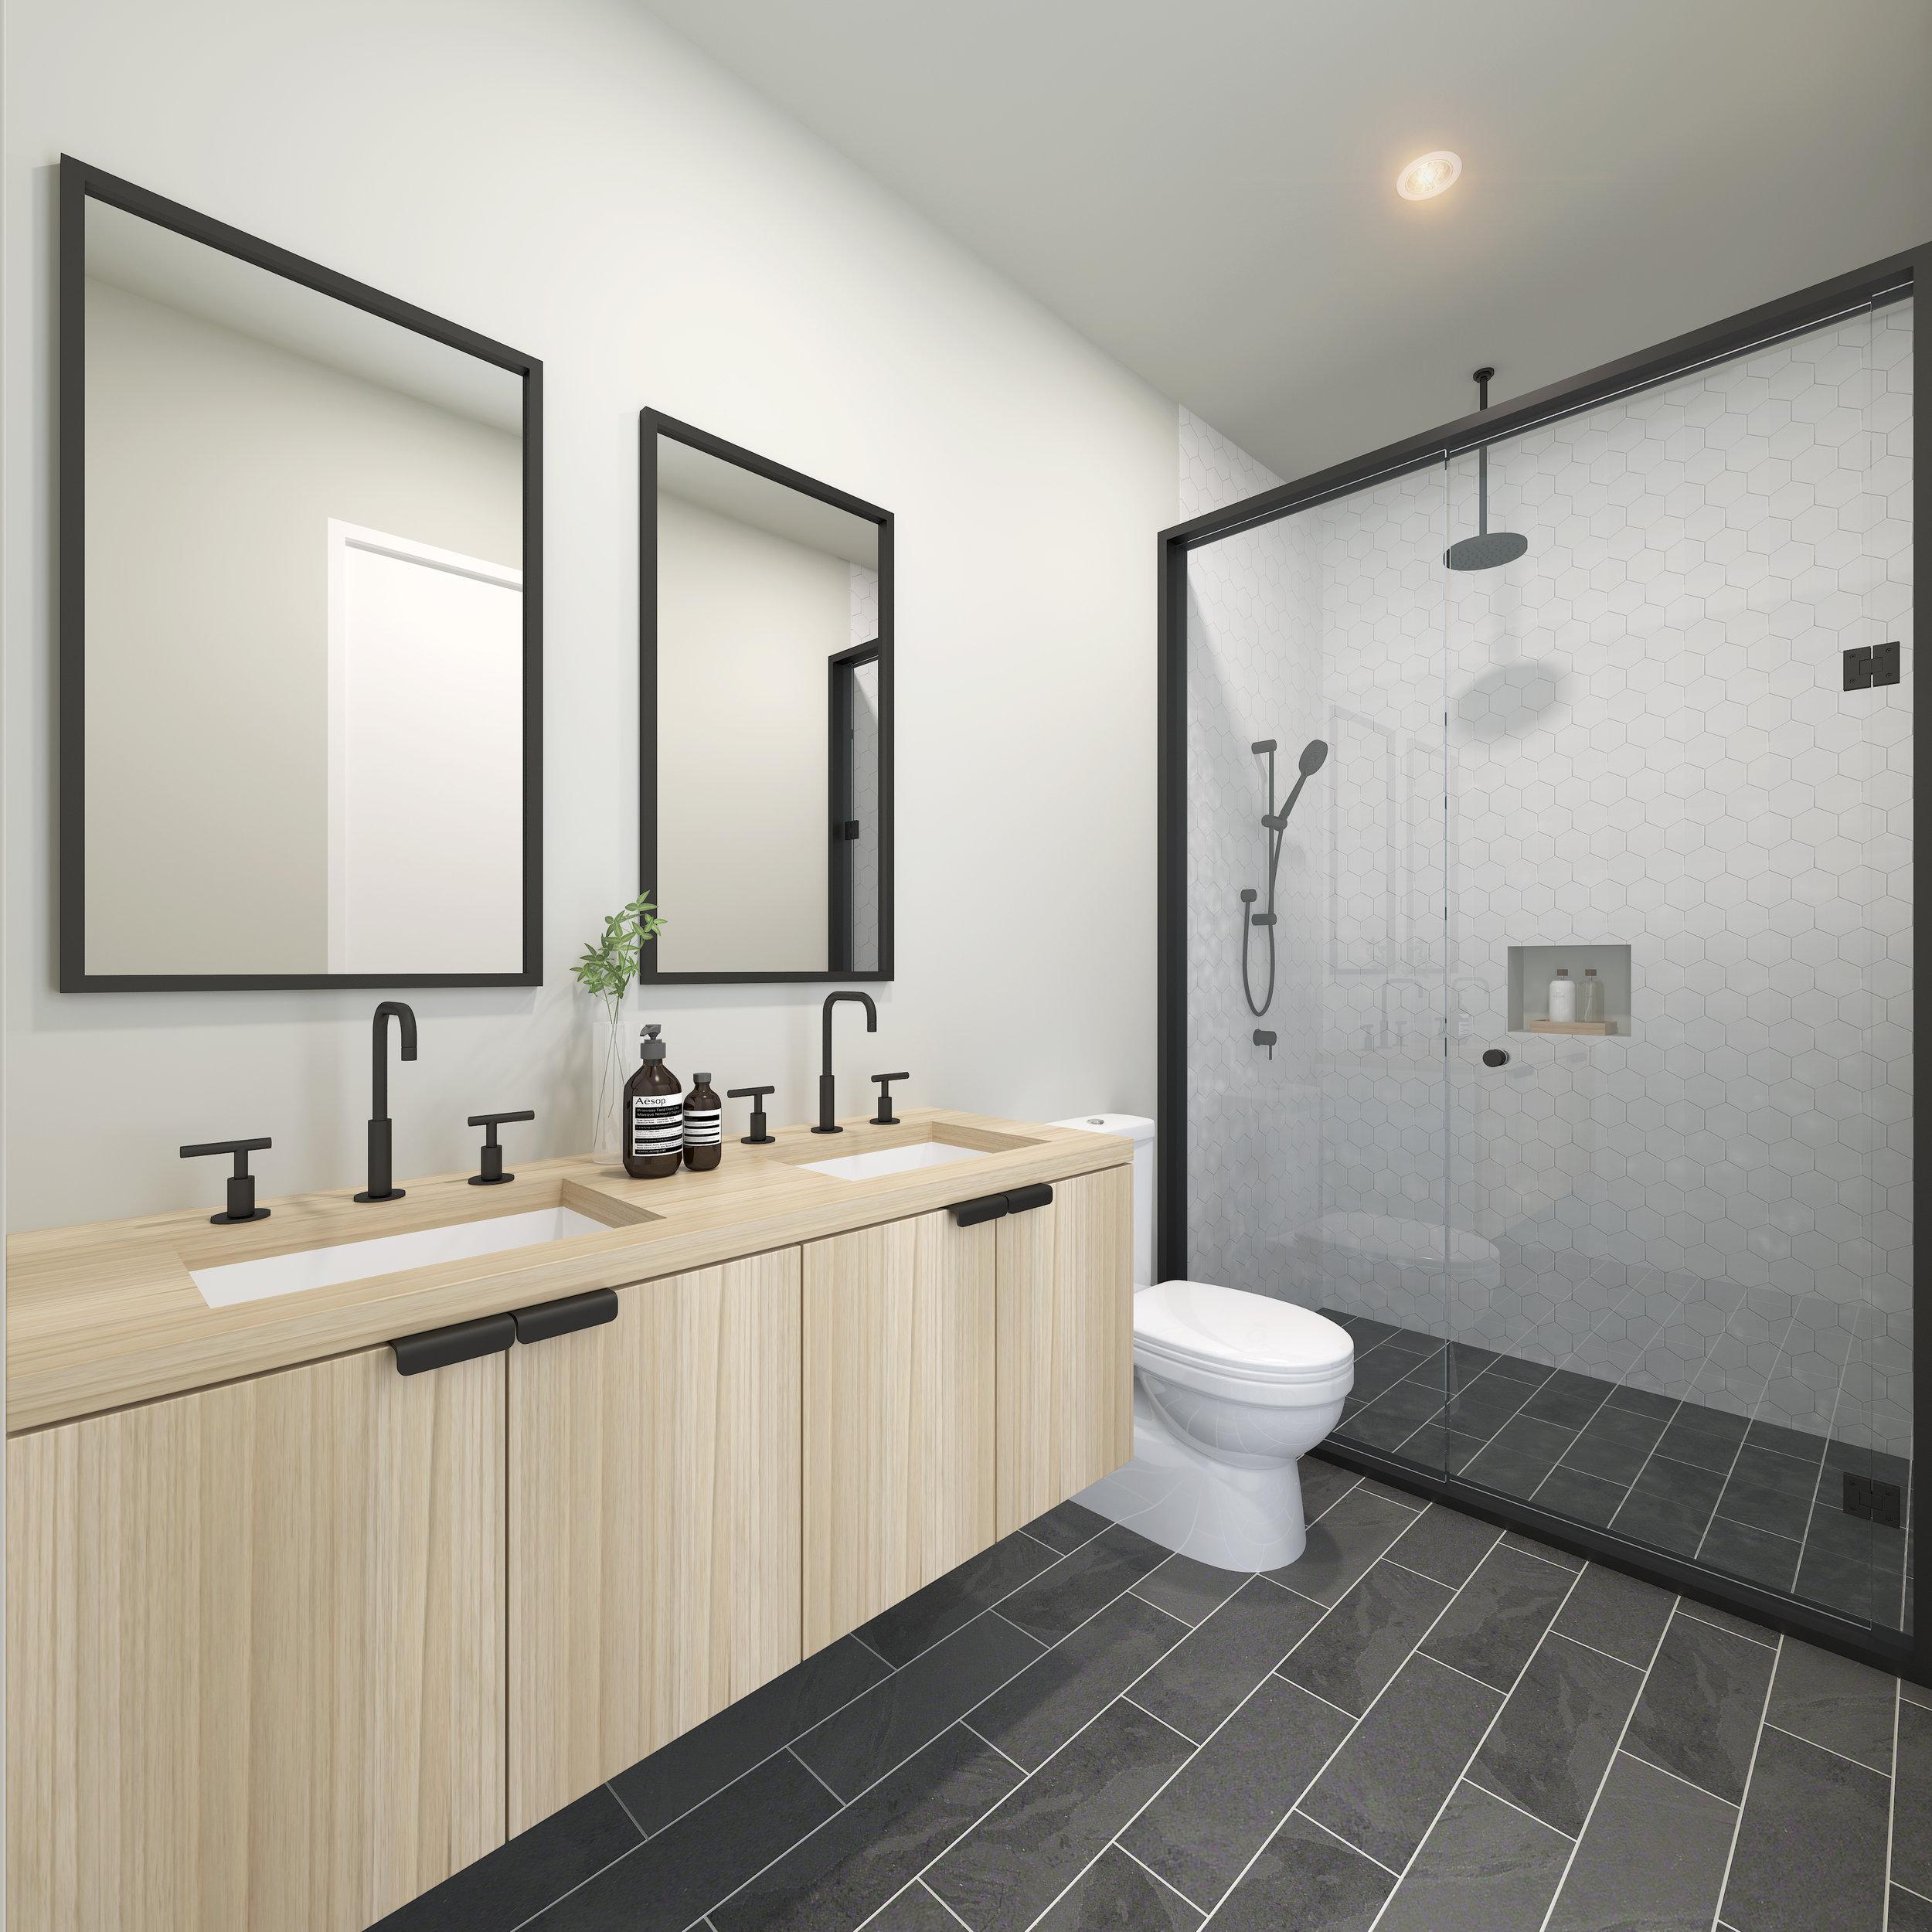 3-5113 71 Kennedy St NW SUS5726 bathroom 0810 FI.jpg